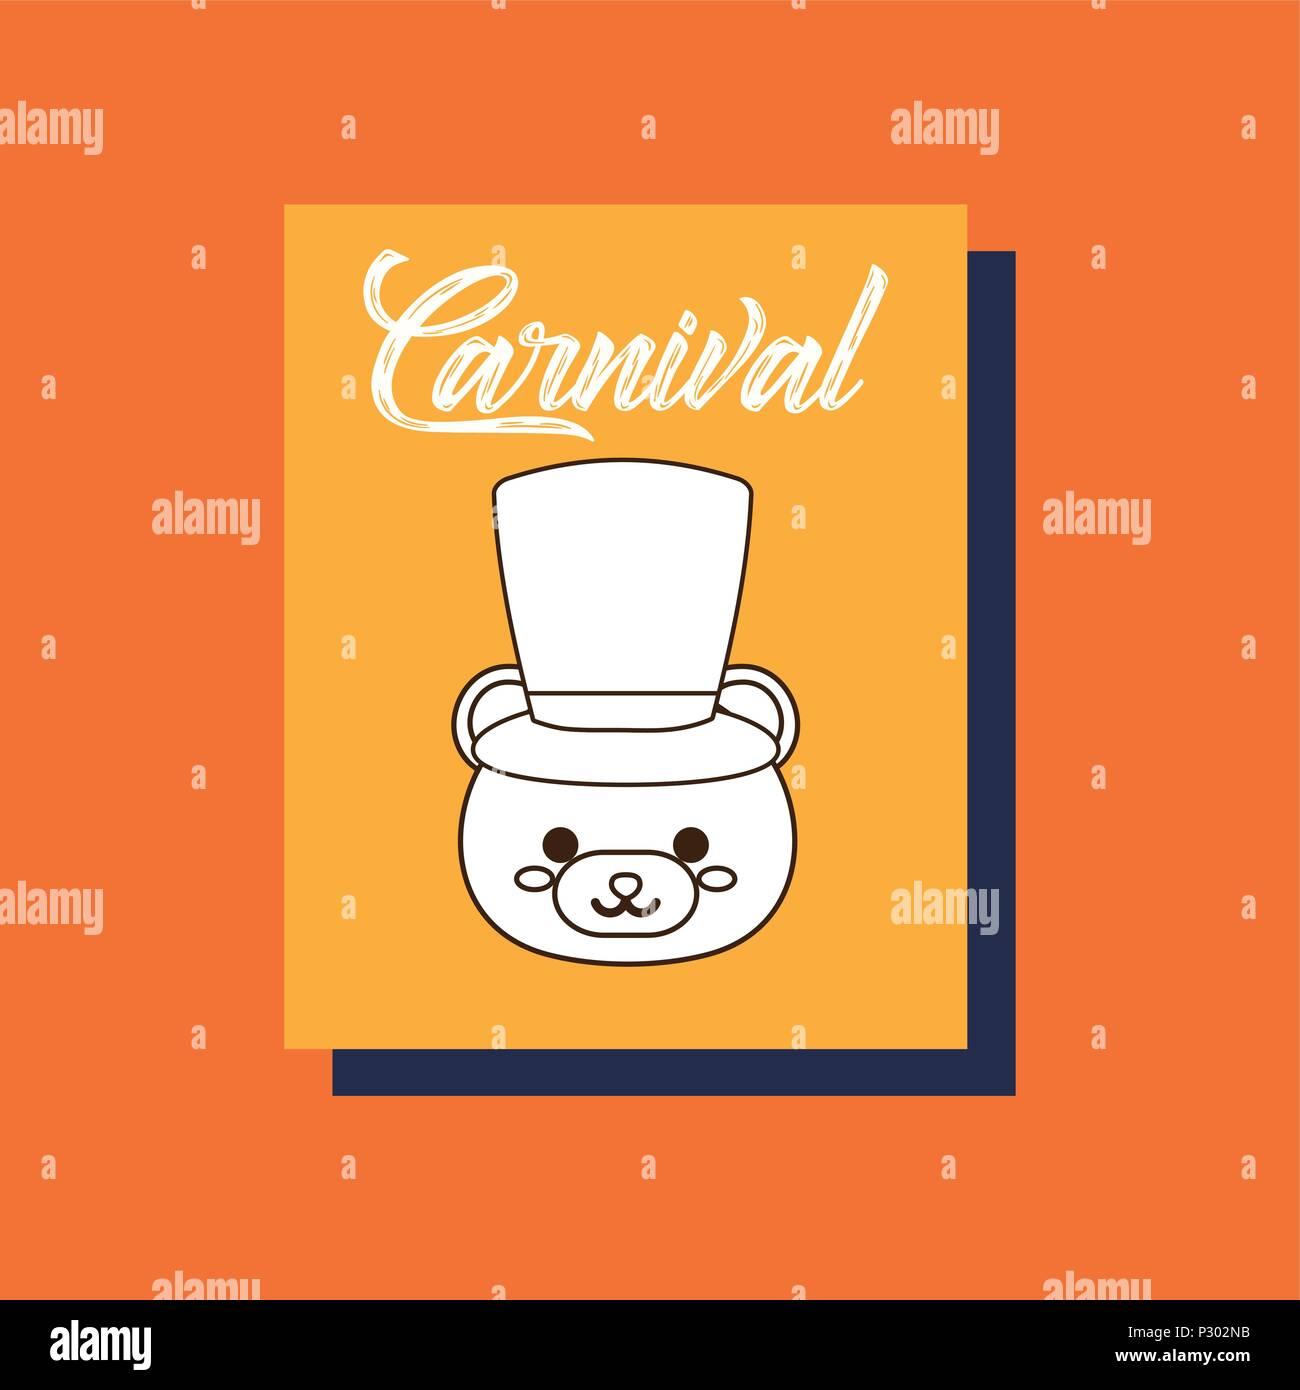 Diseño de carnaval con lindo oso con sombrero de copa sobre fondo naranja 21b326d1af1